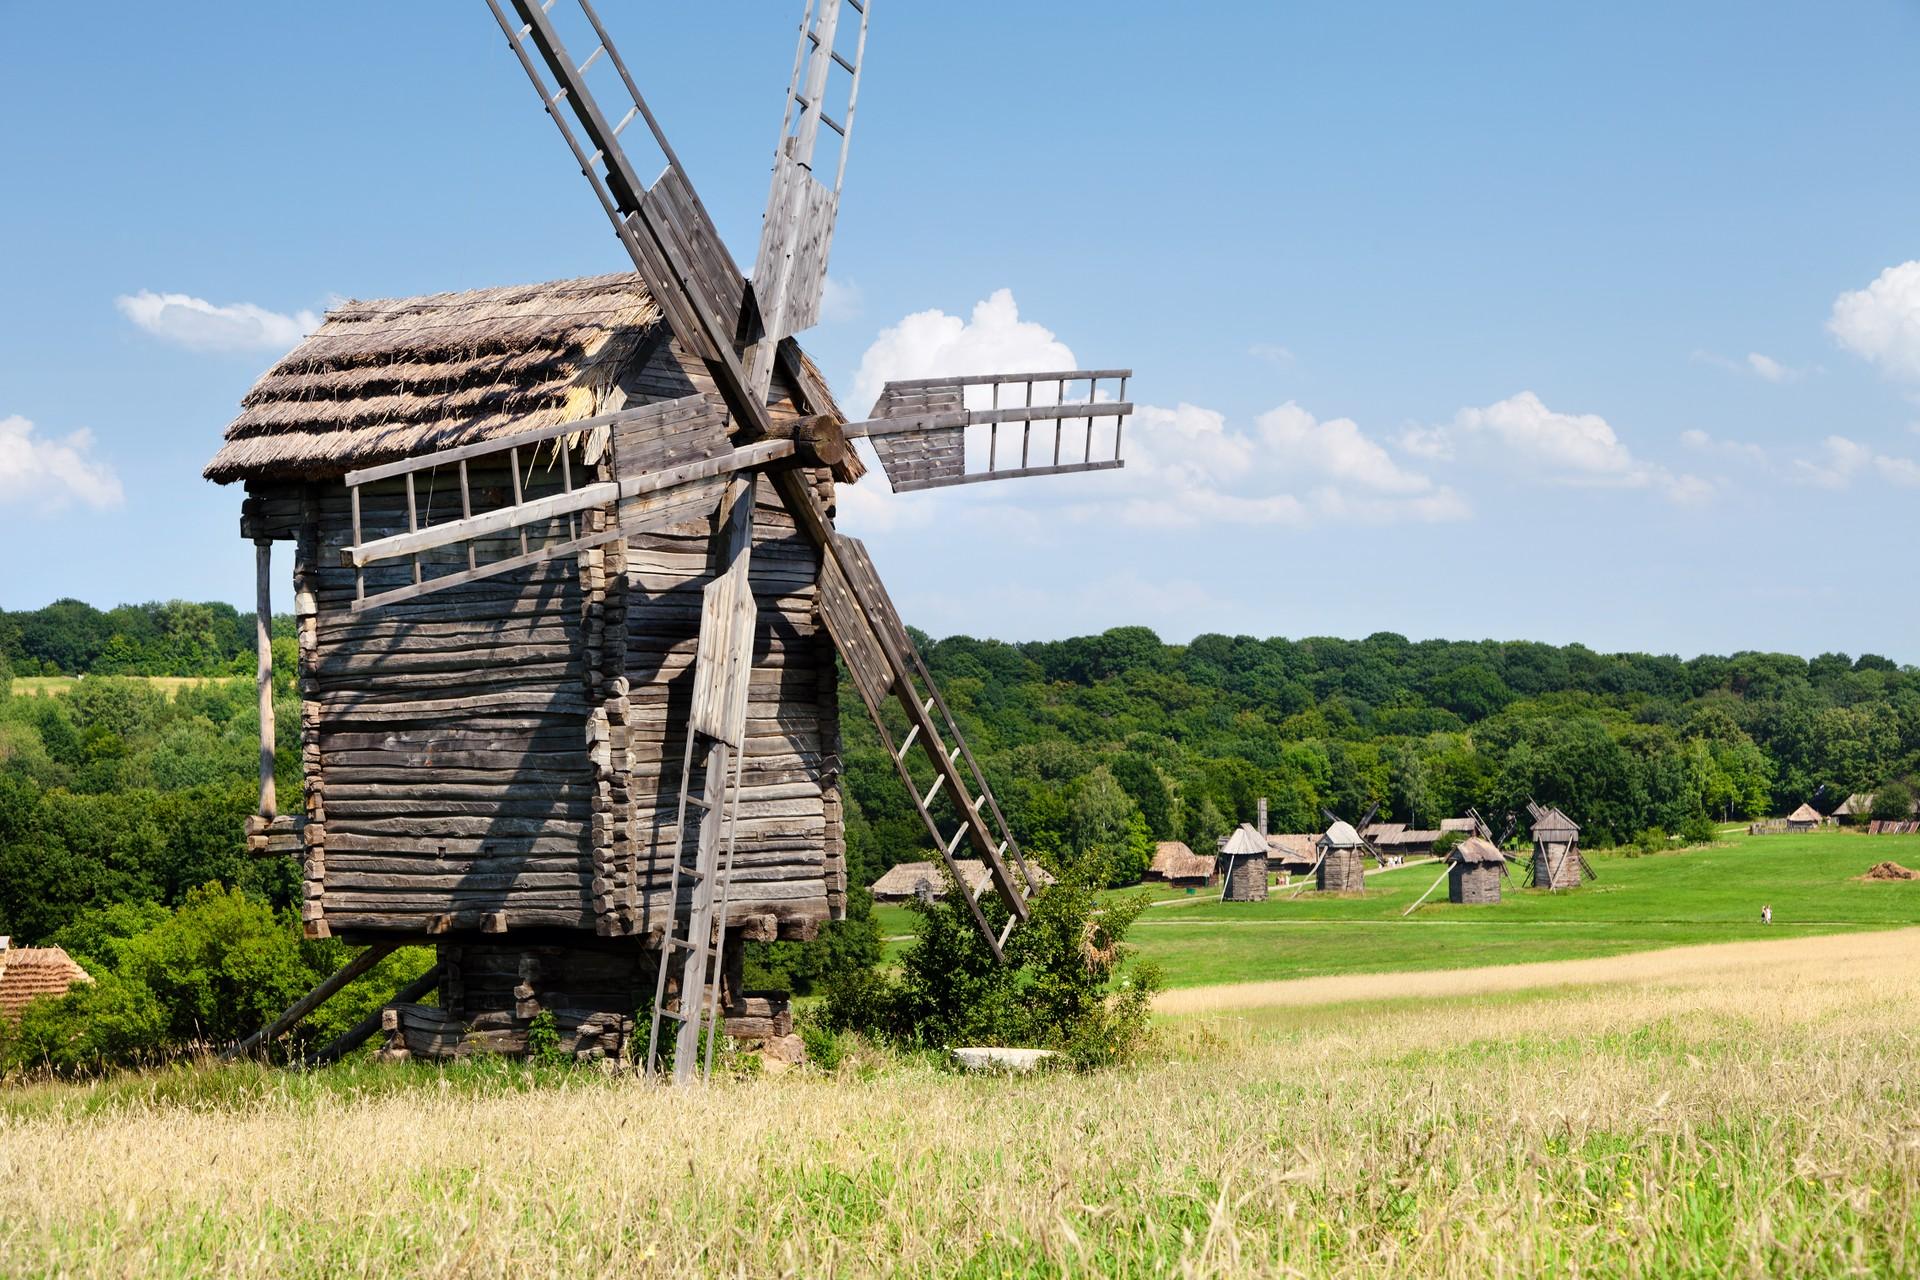 Pirogovo historic wooden windmill Russia